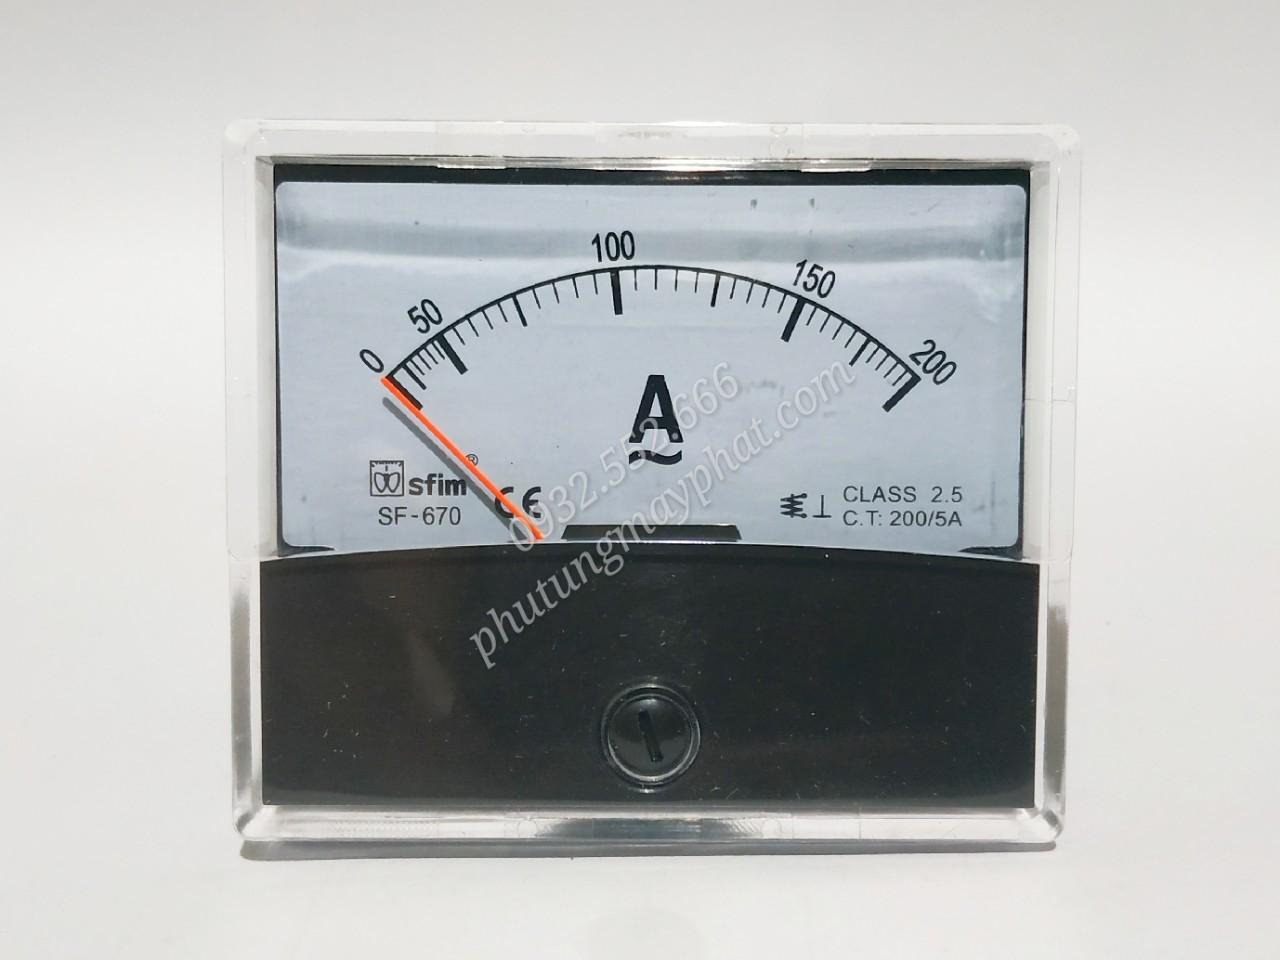 Đồng hồ hiển thị dòng SF-670